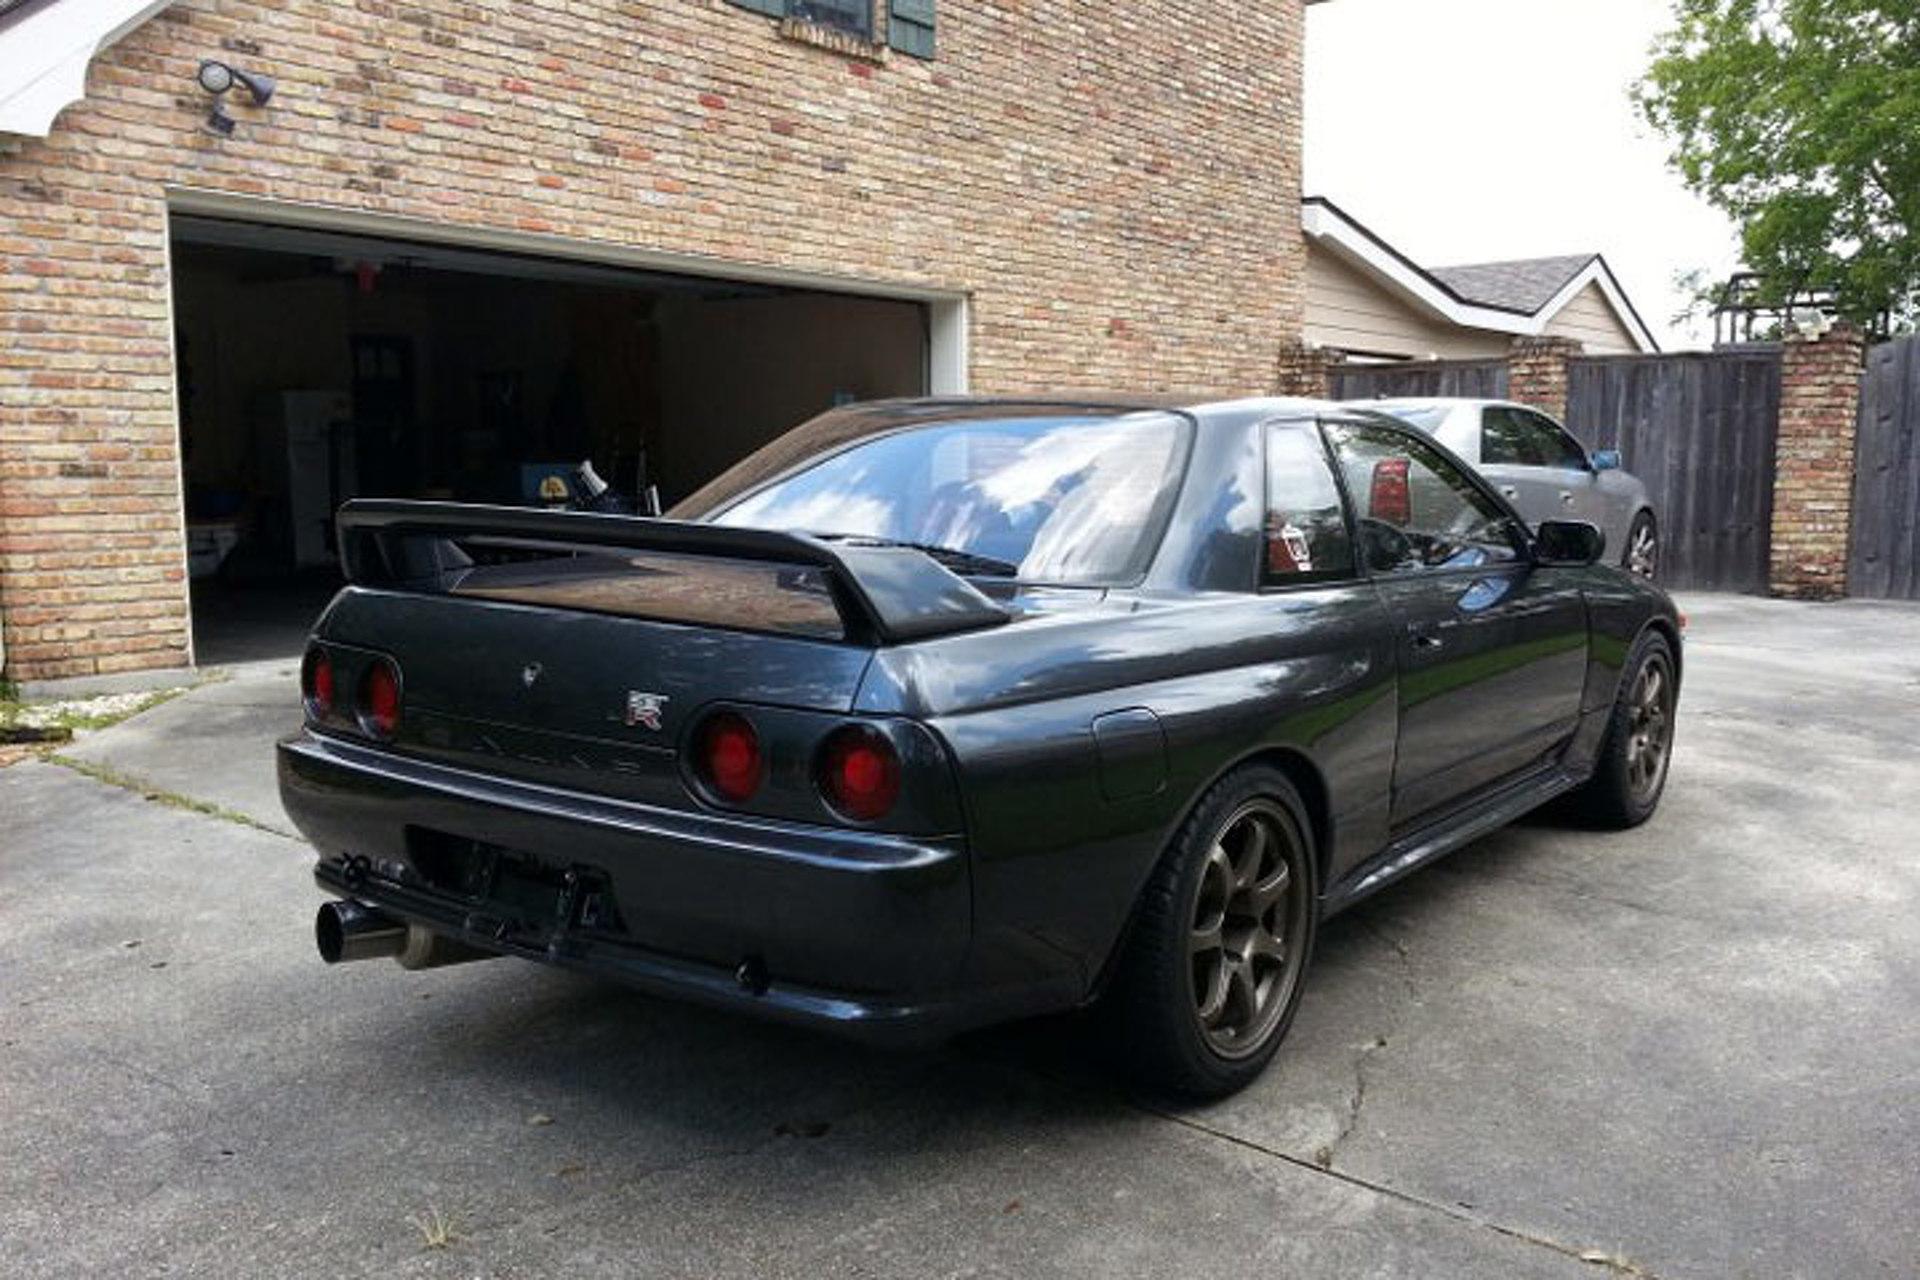 Godzilla Rises: Meet Patrick's US-Legal R32 Nissan GT-R